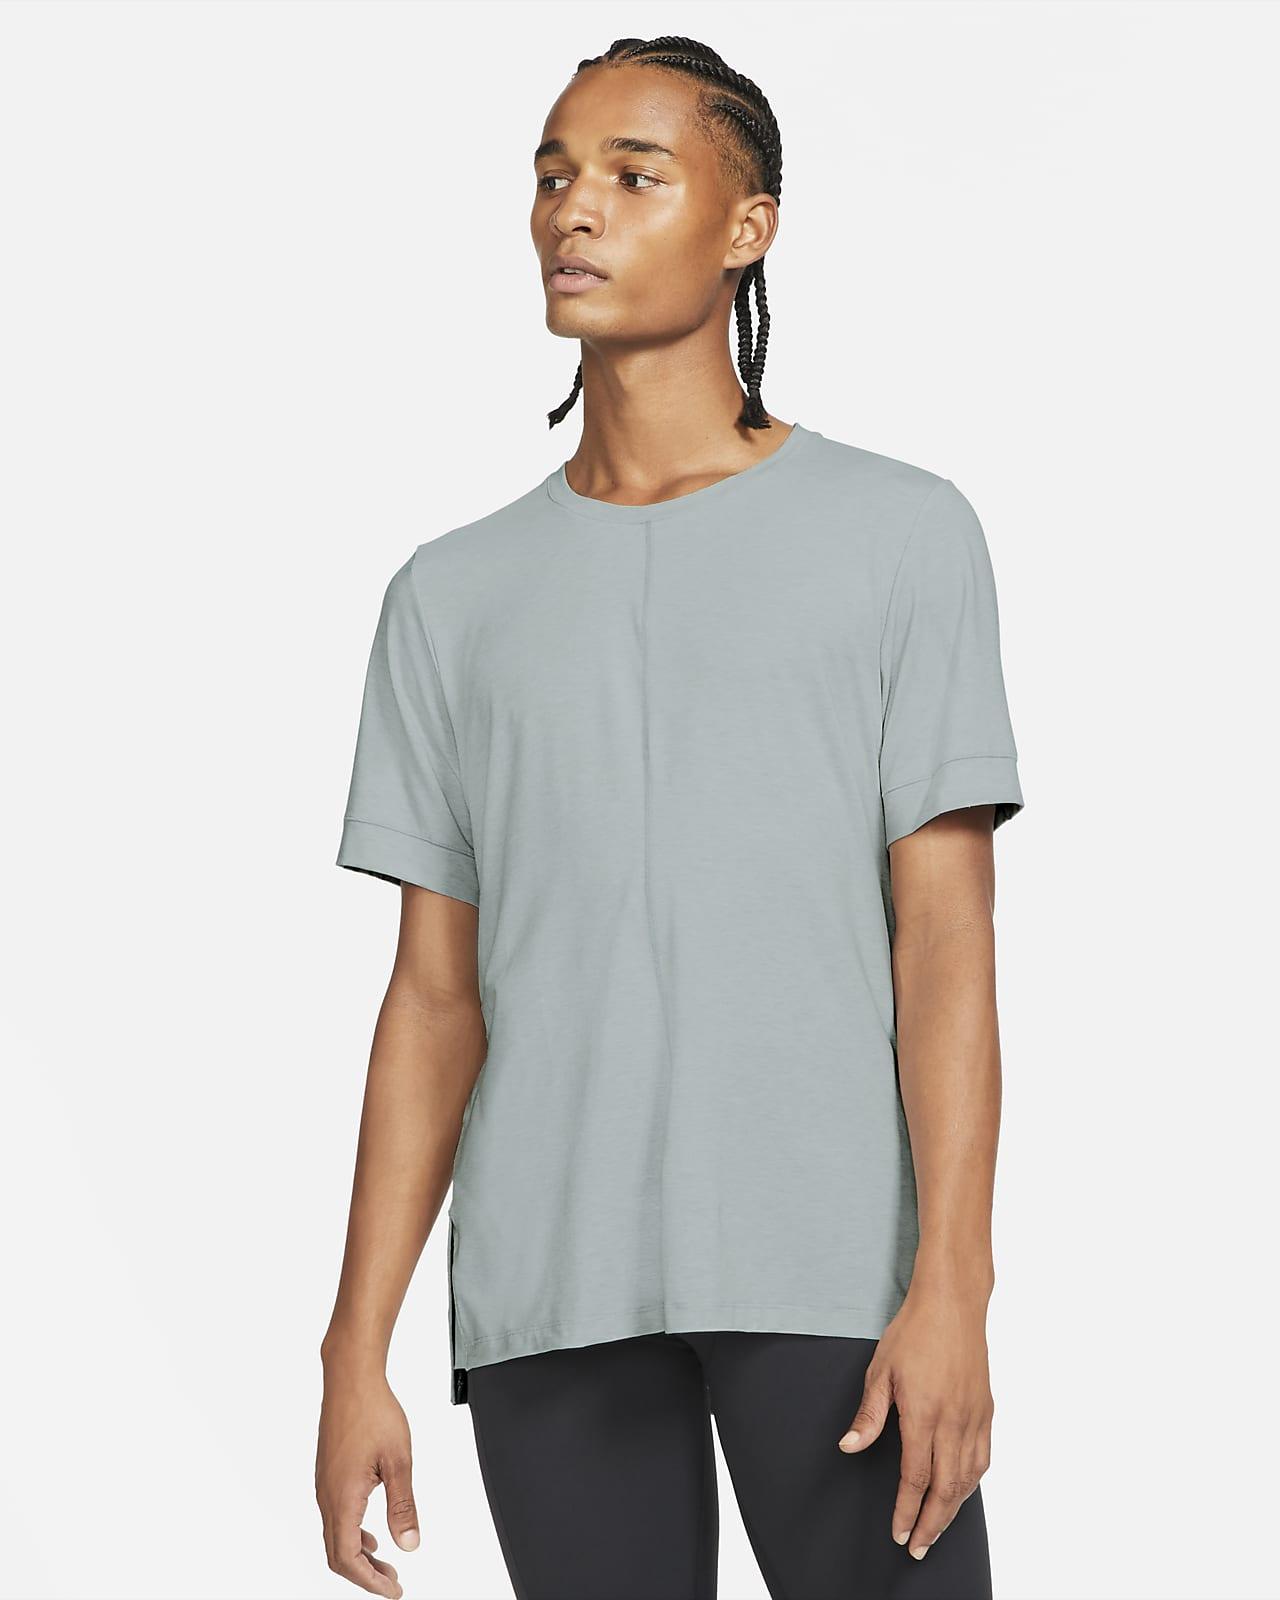 Pánské tričko Nike Yoga Dri-FIT skrátkým rukávem